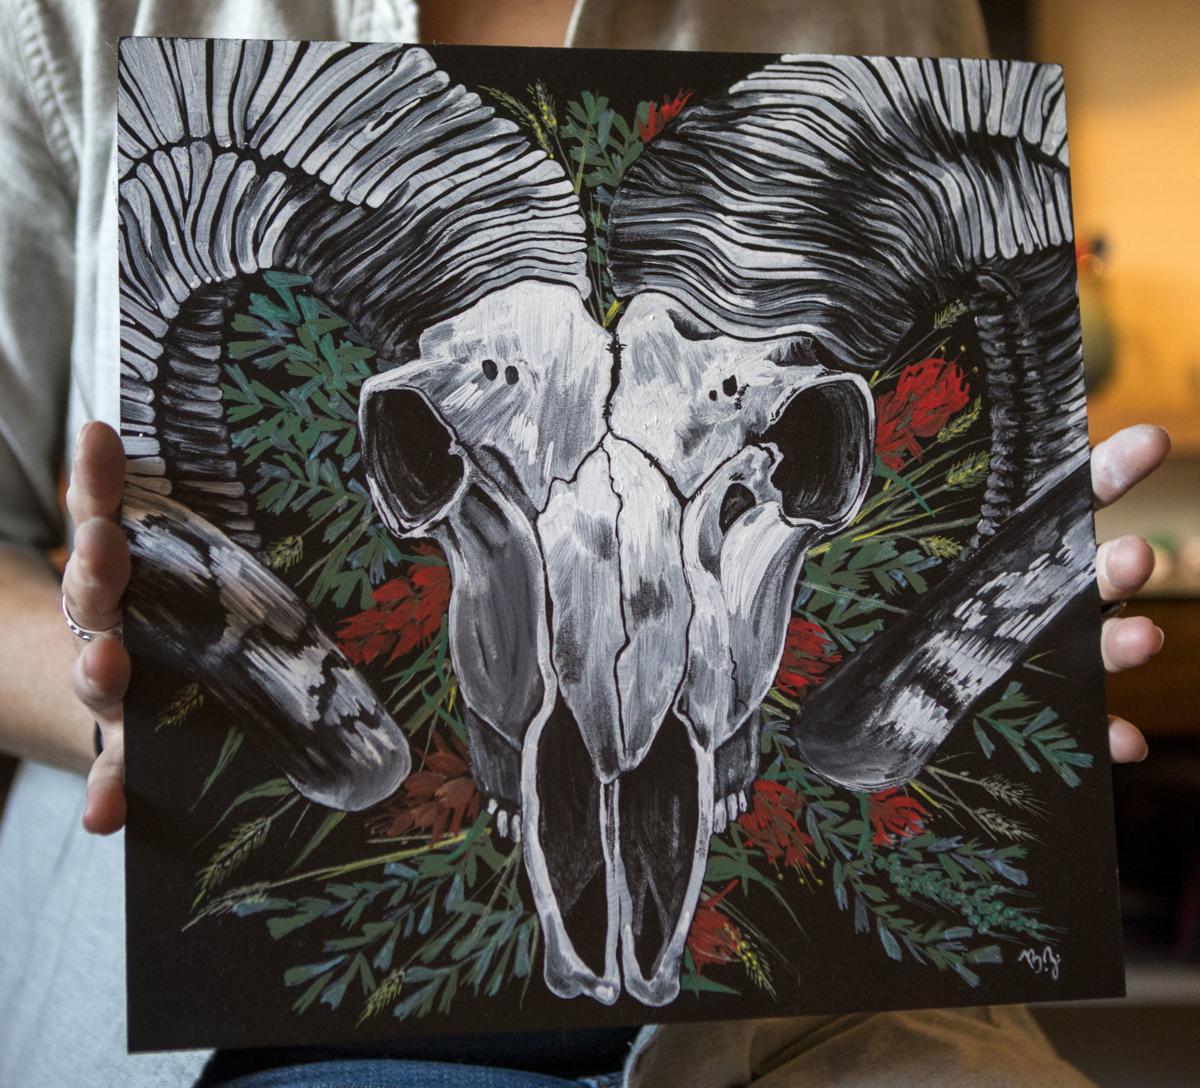 Chalk artist Britt Ziebell